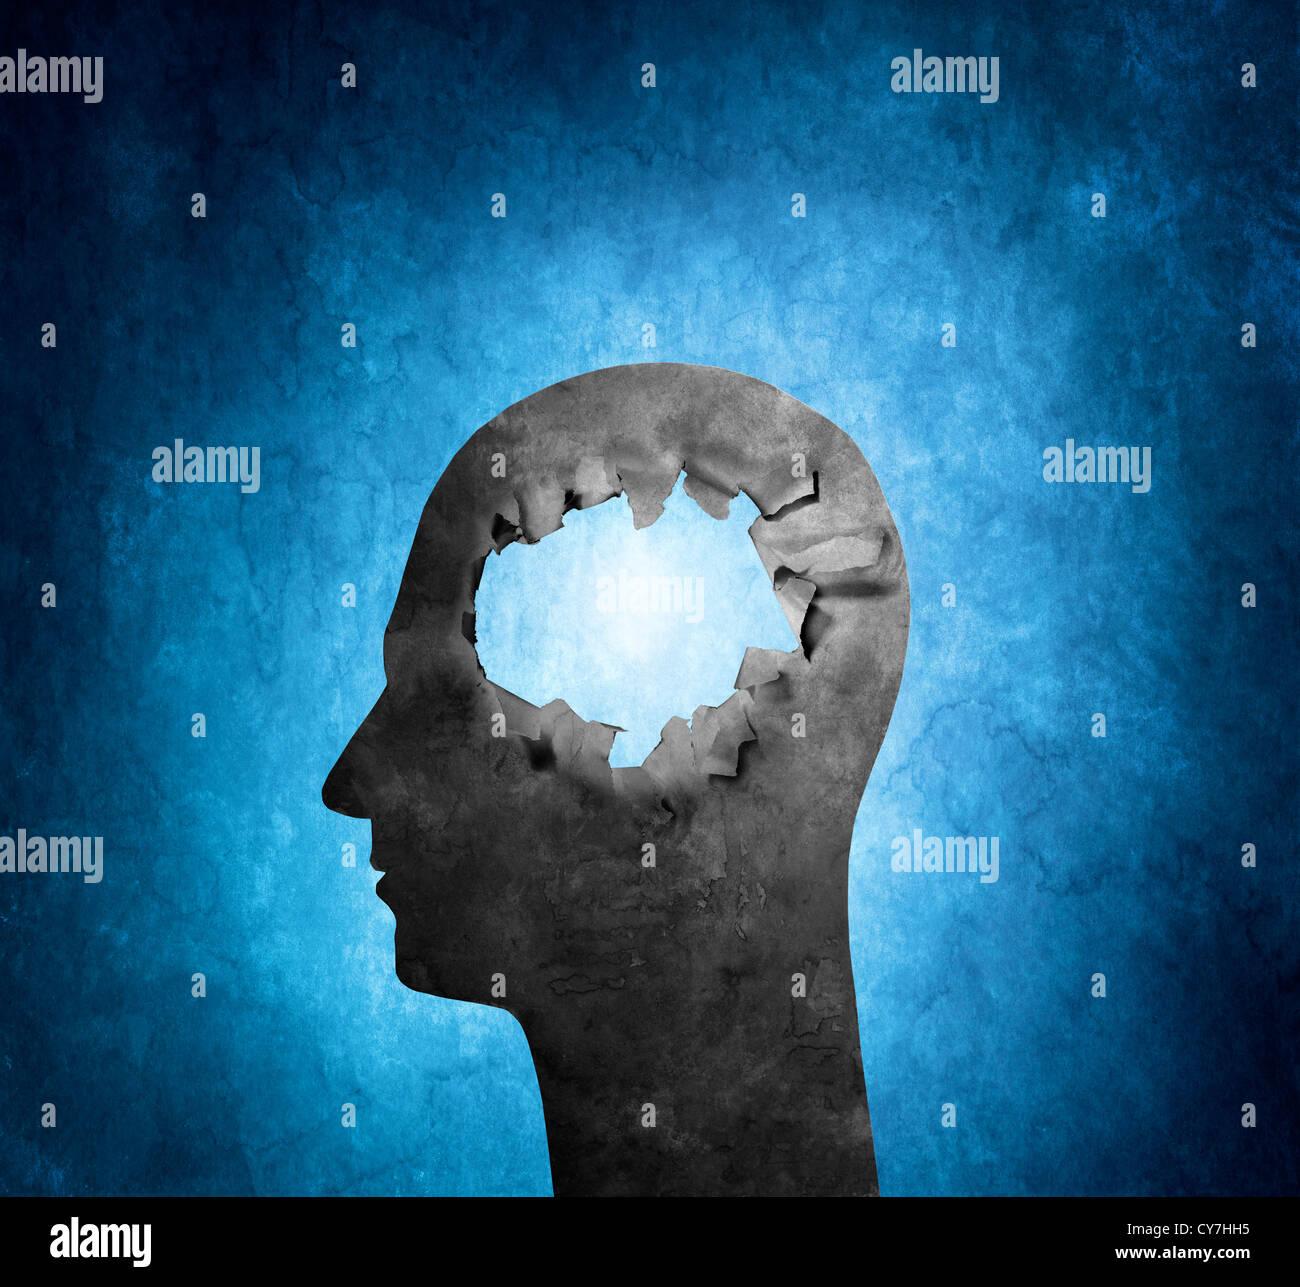 Image conceptuelle d'une tête en carton avec un trou. Banque D'Images